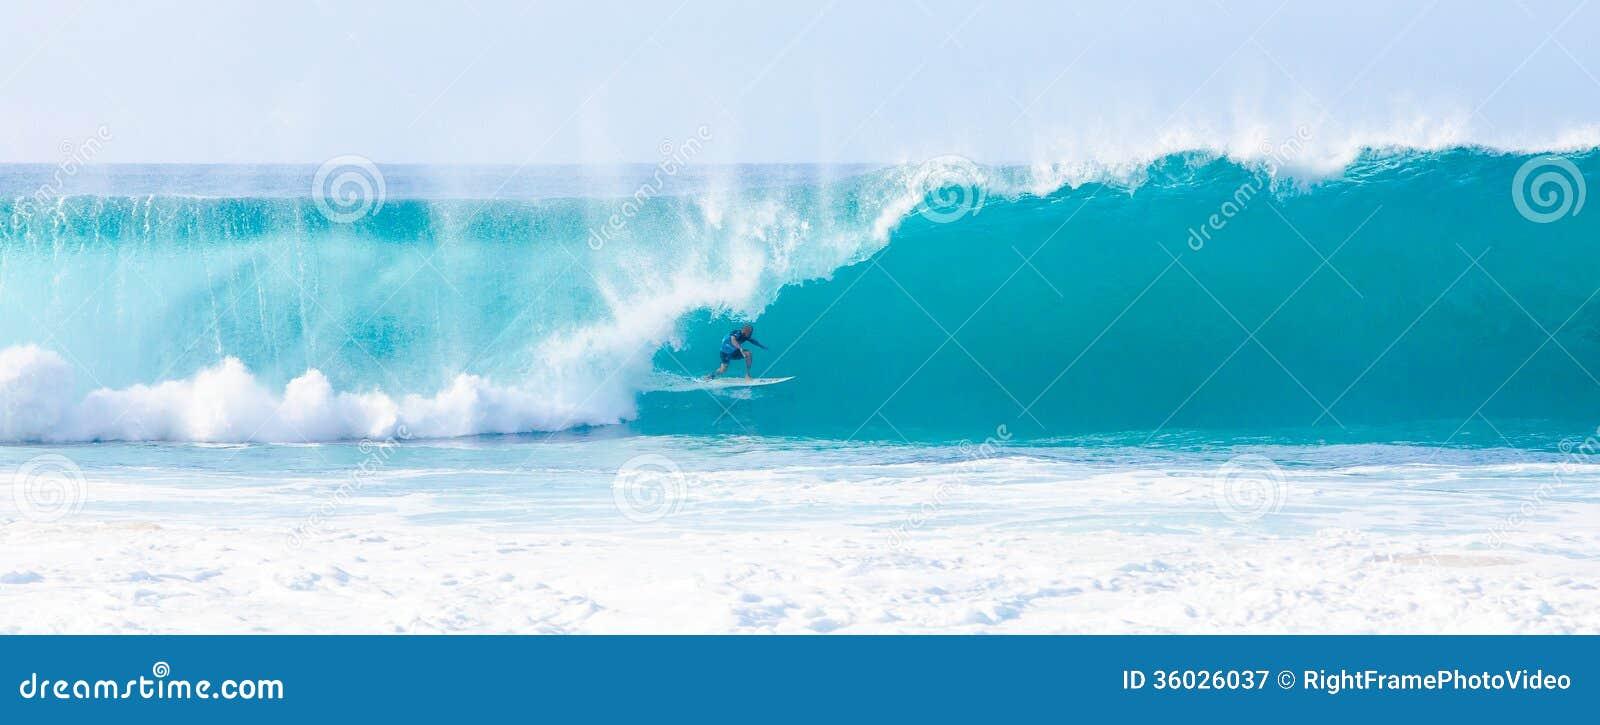 Surfer Kelly Slater Surfing Pipeline in Hawaï